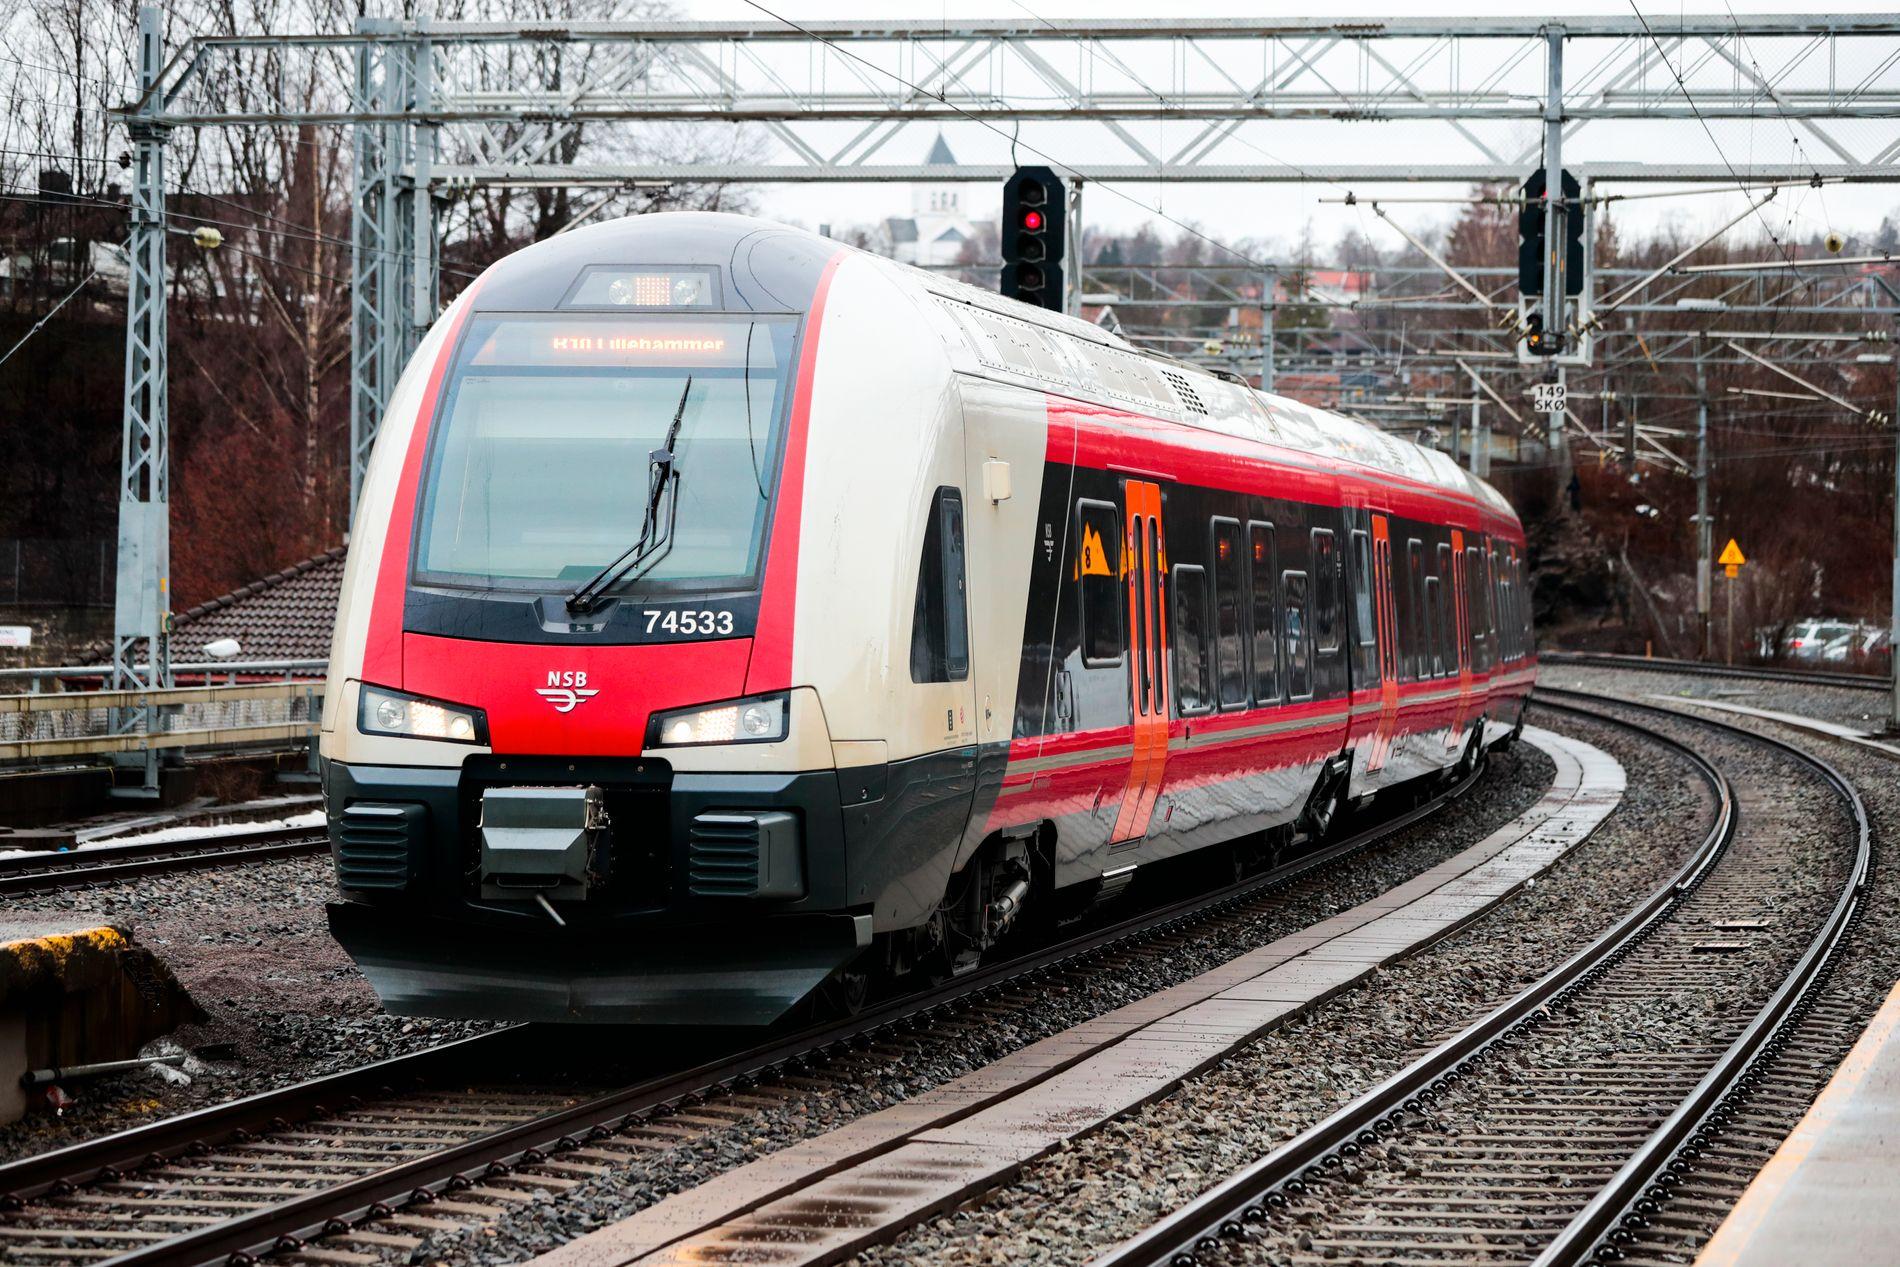 – FORNUFTIG: Ifølge Aftenposten kaster Bane Nor om på jernbaneplaner for å kutte kostnader i Intercity-utbyggingen. Det fornuftig.